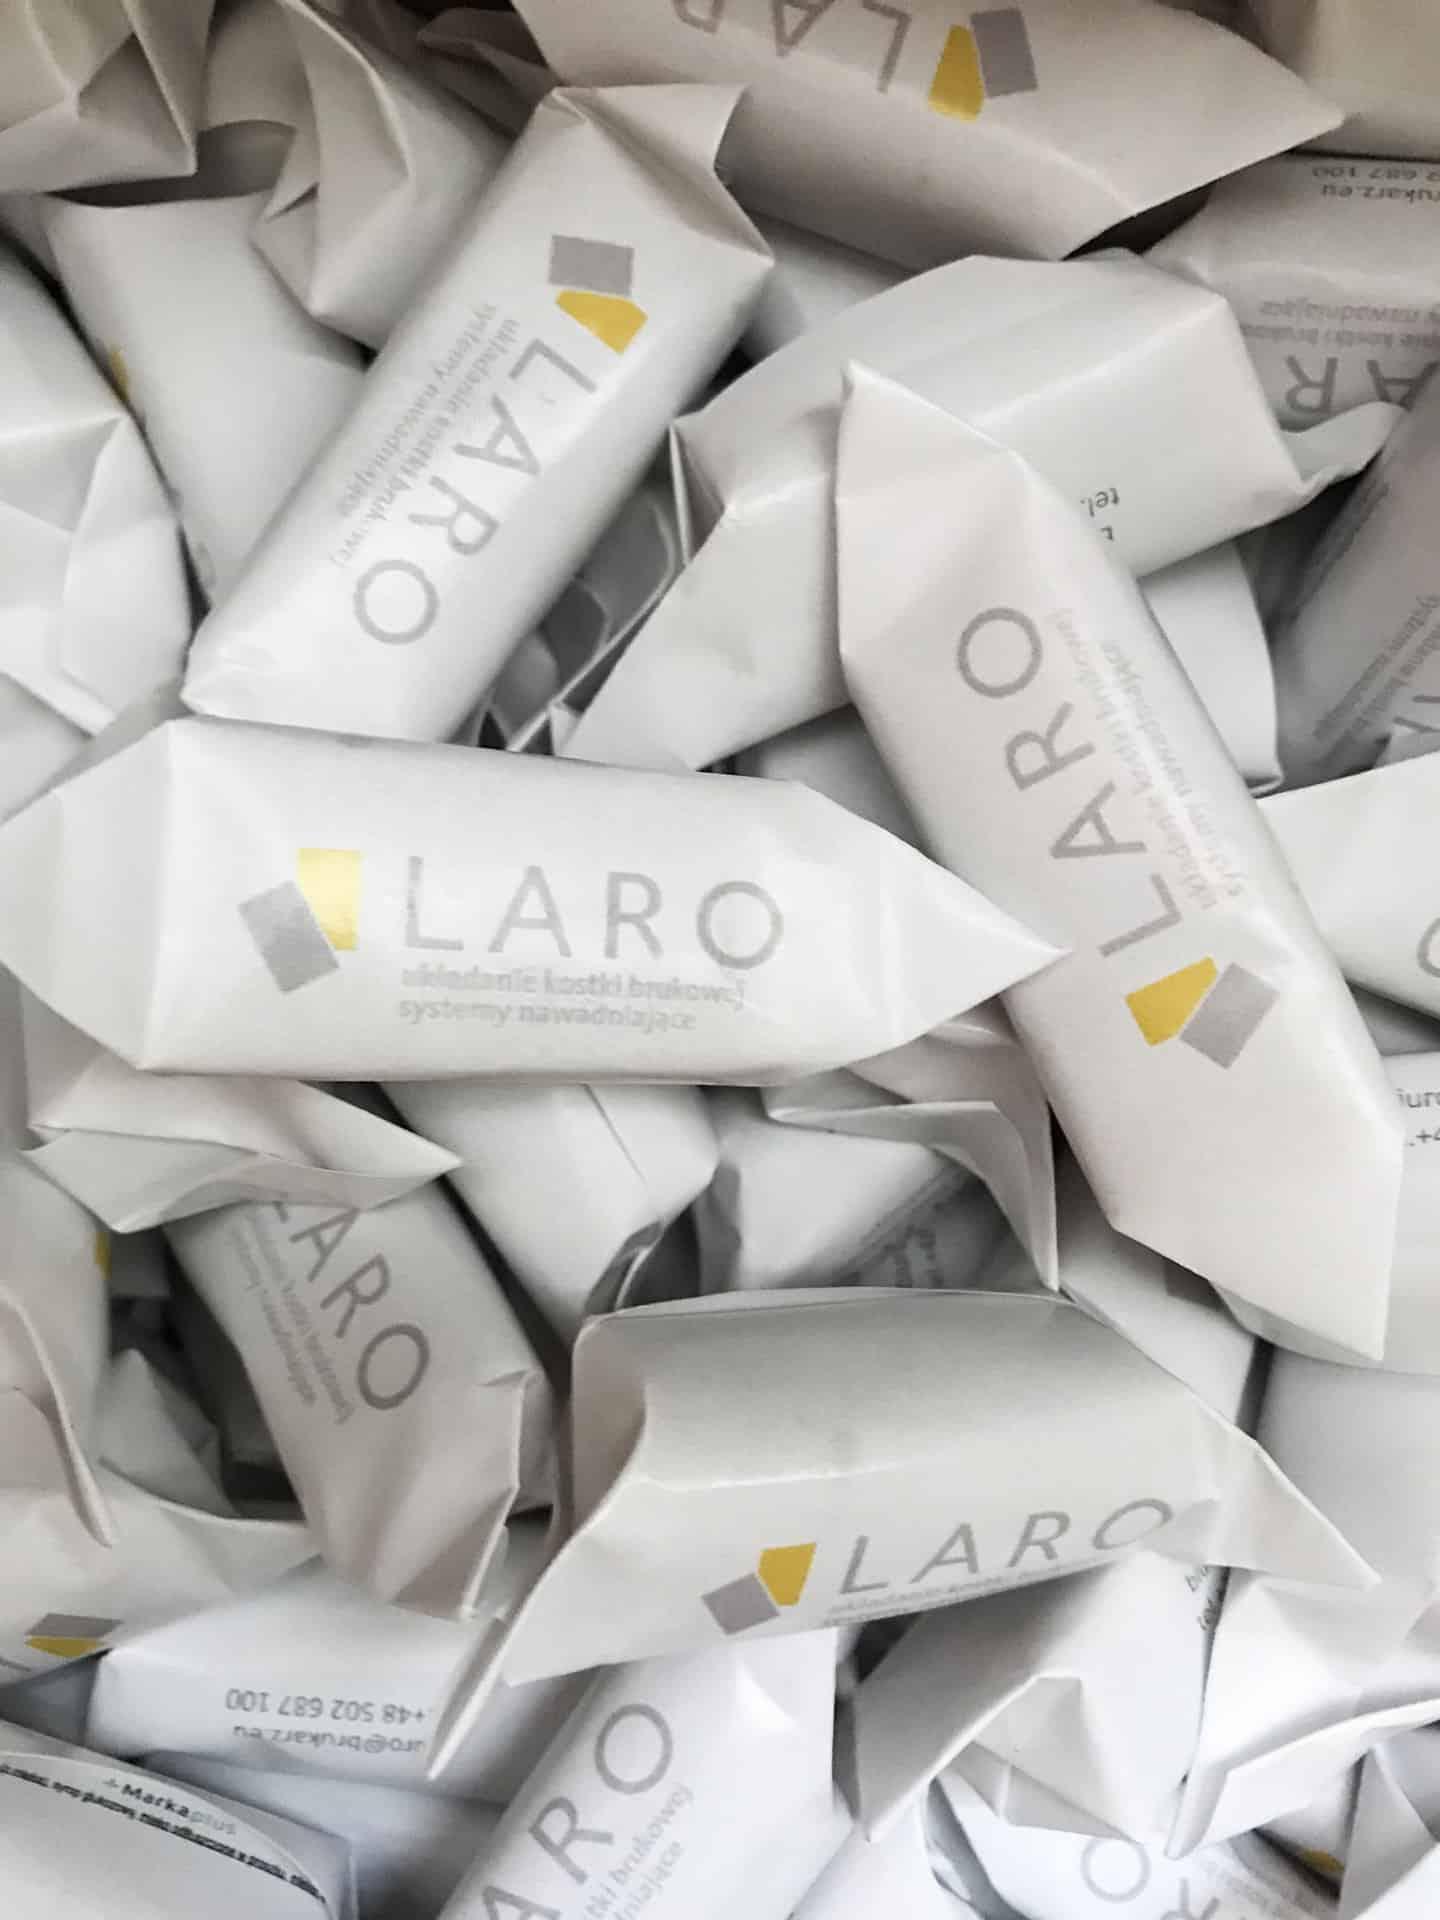 krówki reklamowe z logo Laro